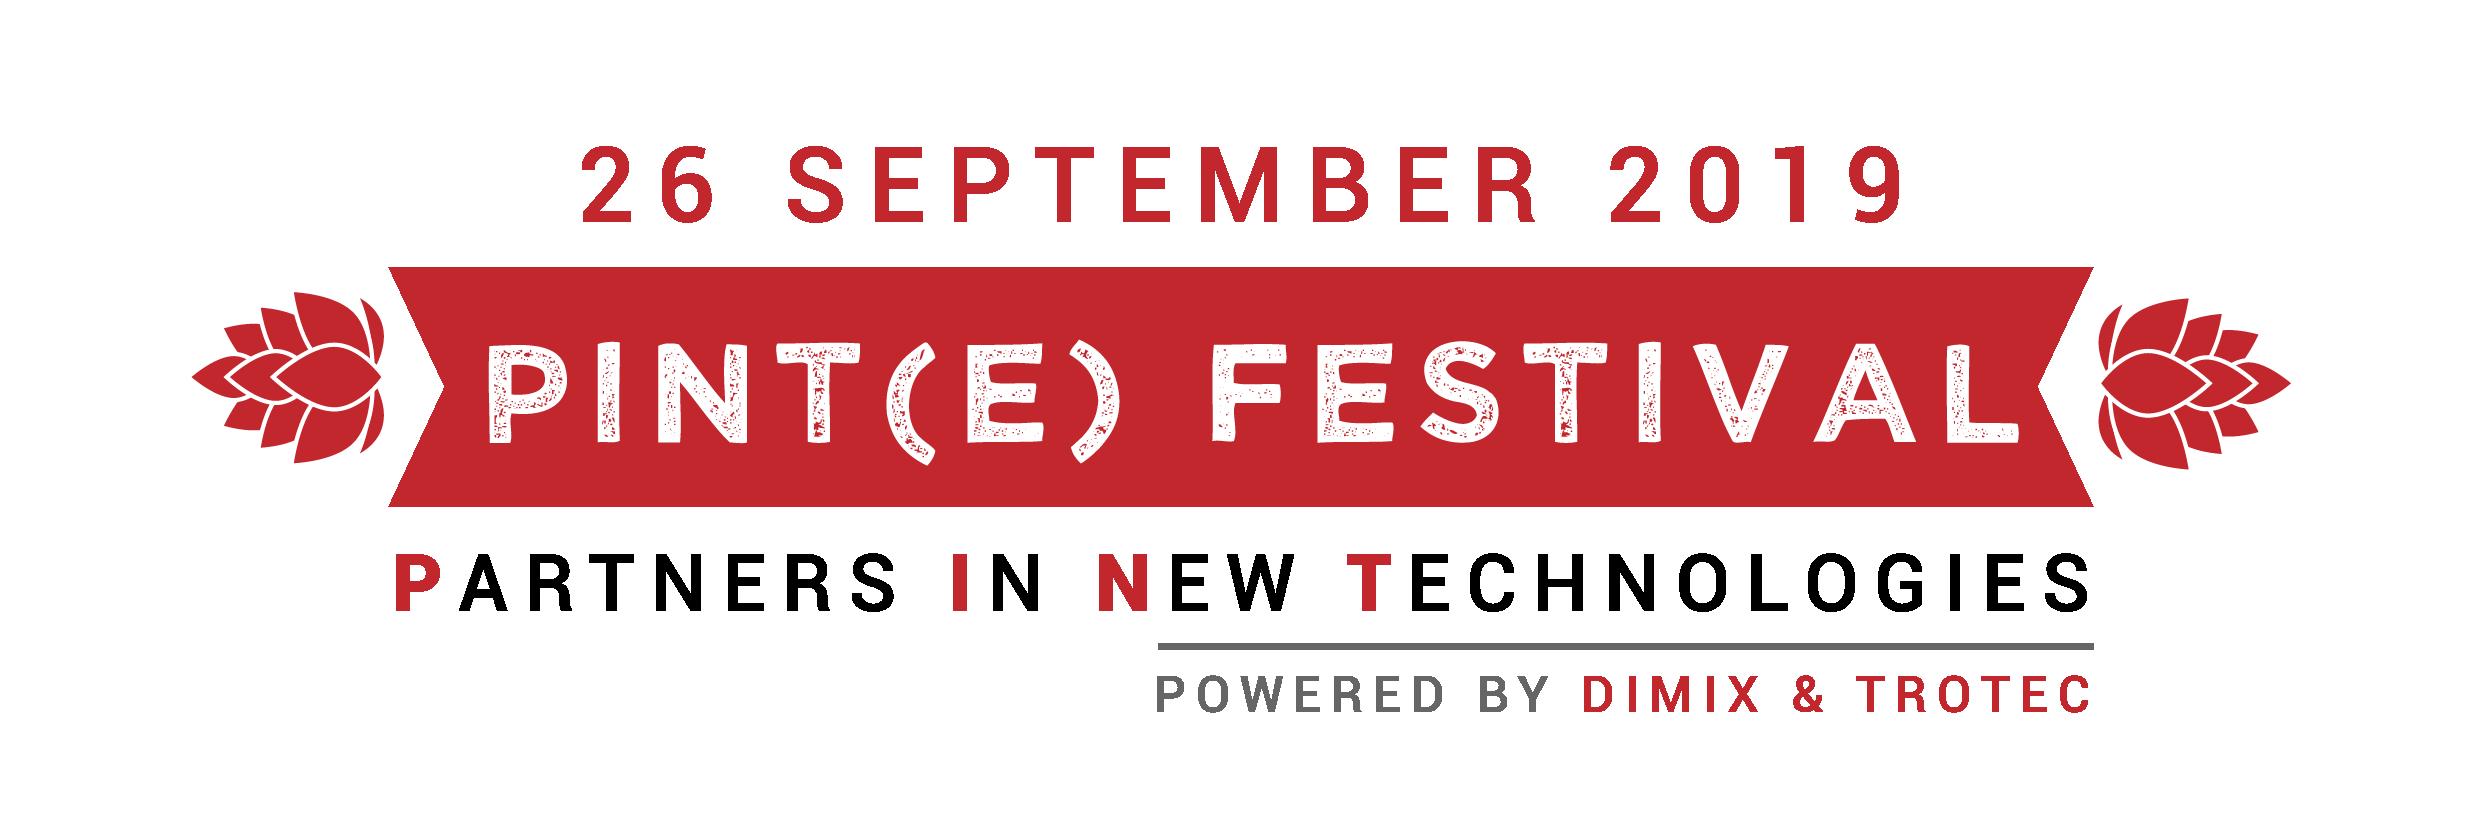 PINT(e) Festival